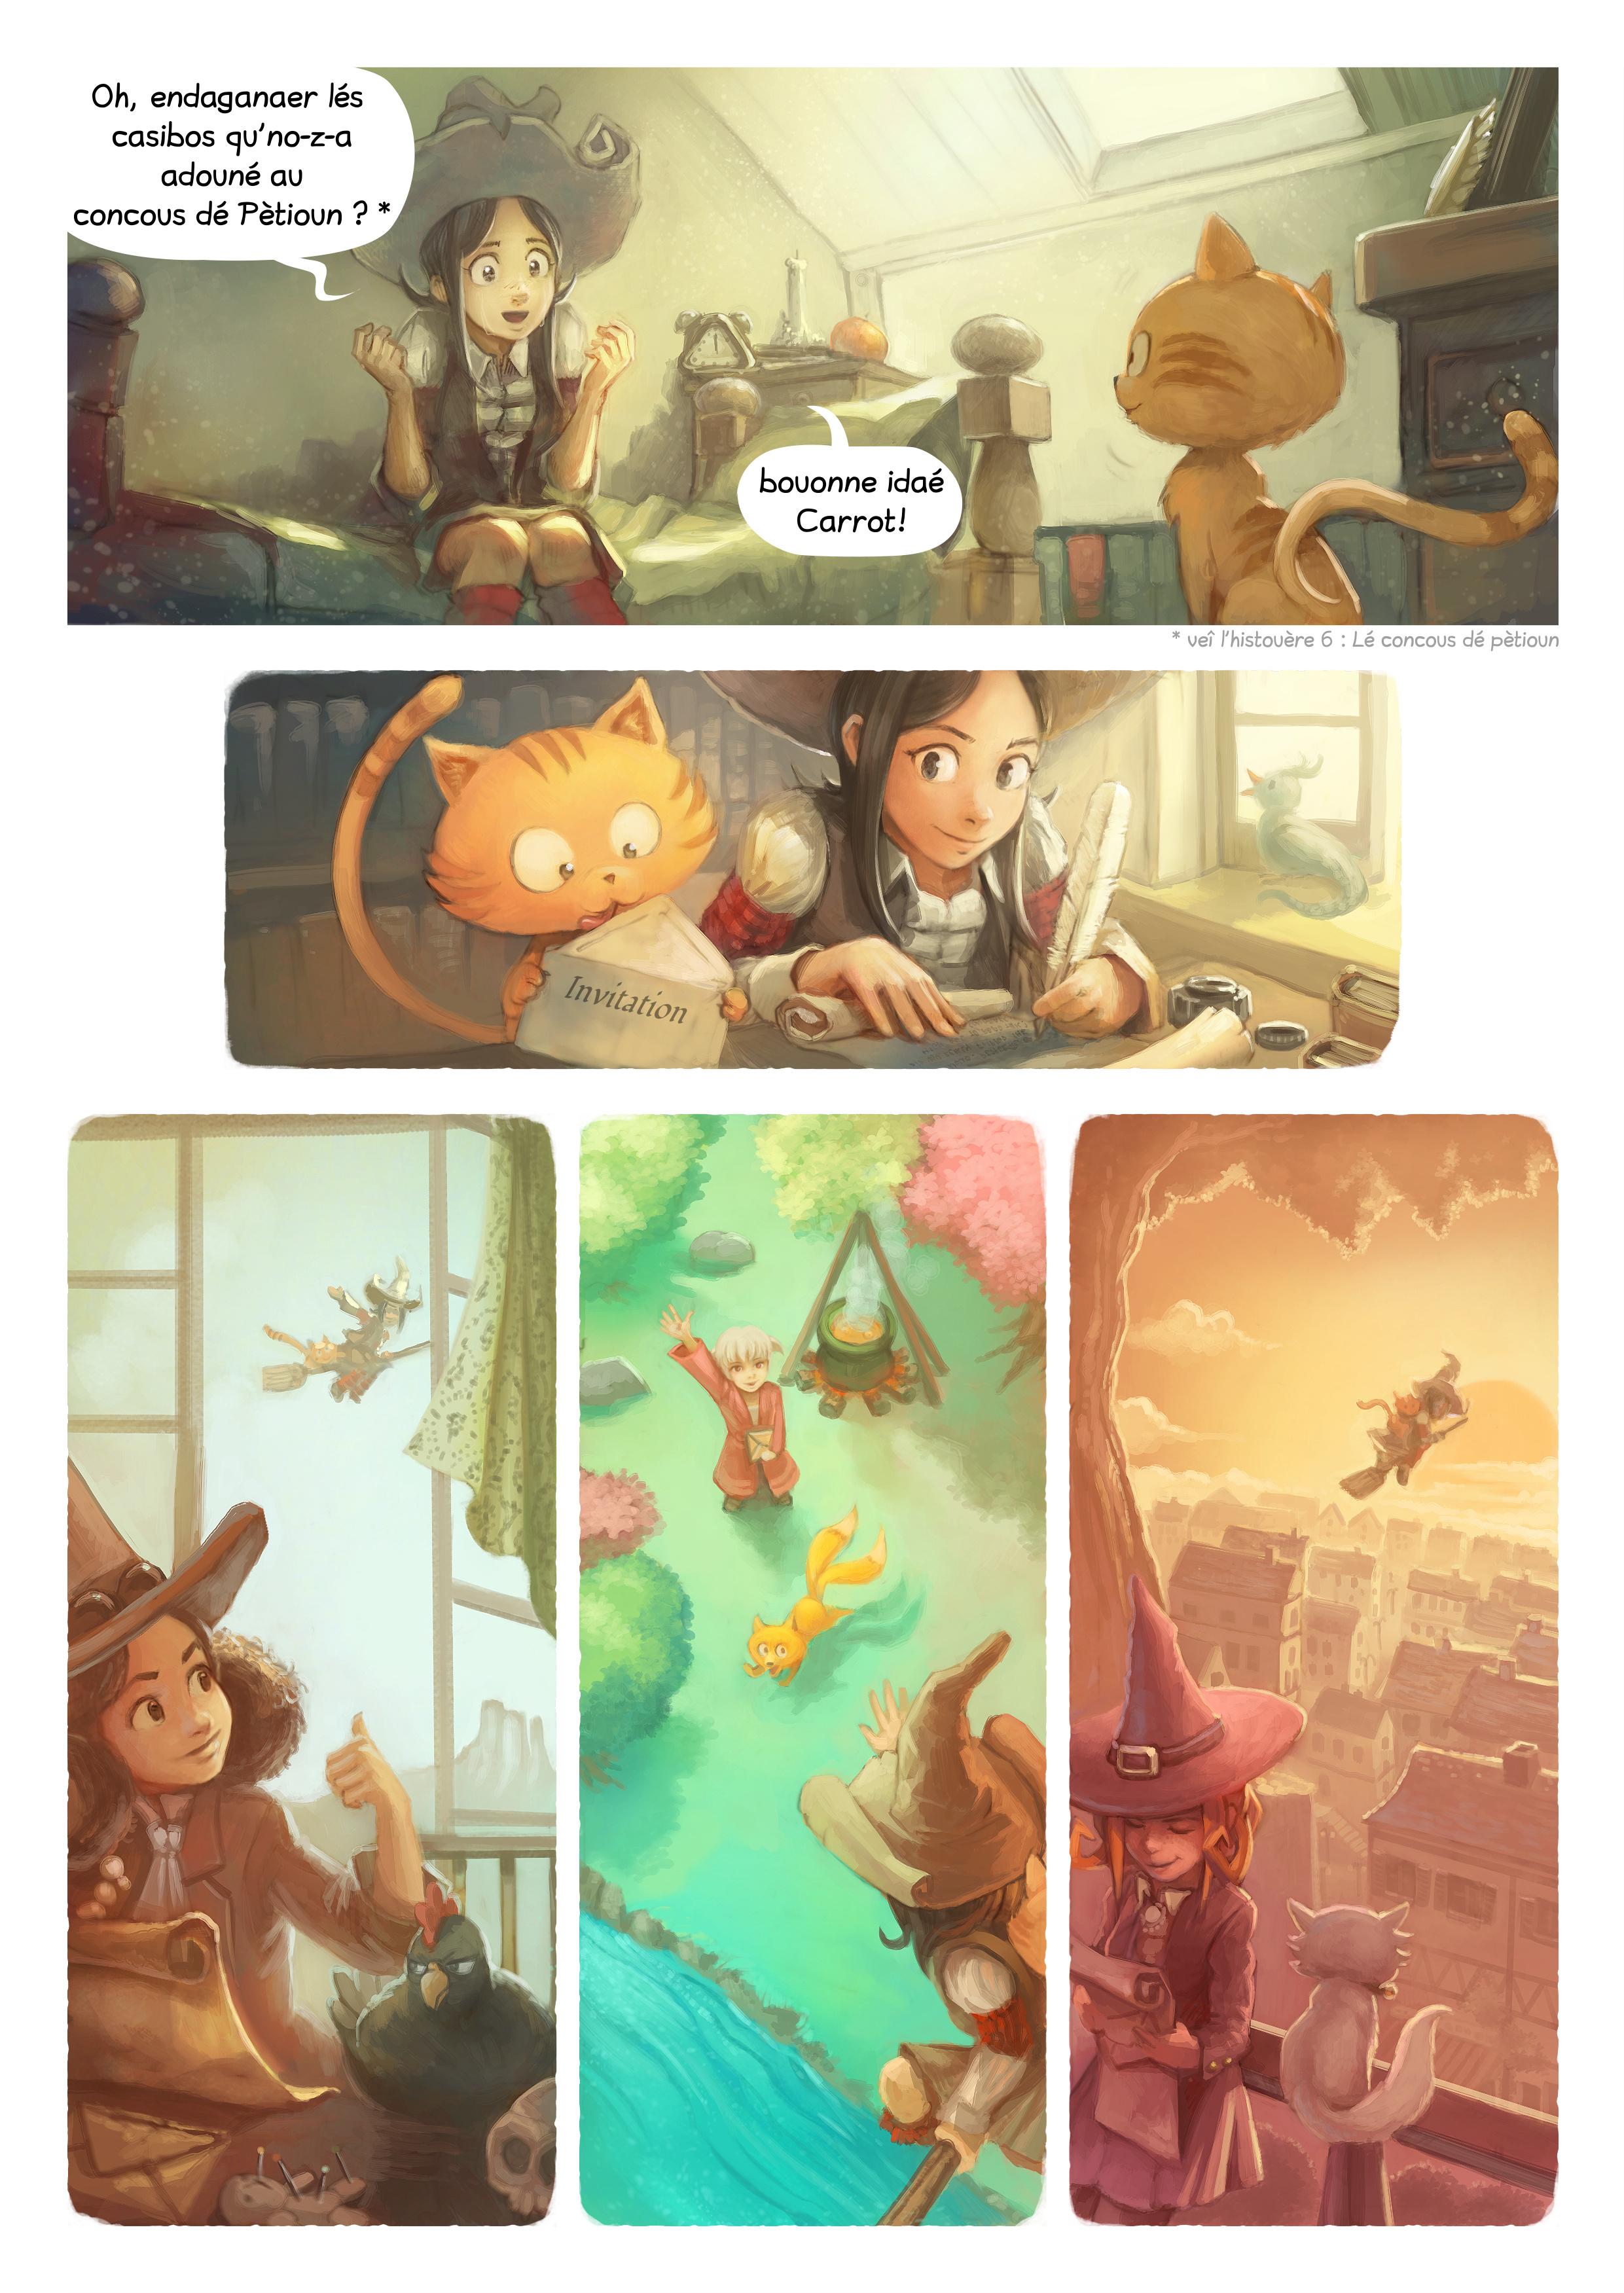 Histouère 8 : L'annivèrsaire dé Pepper, Page 2